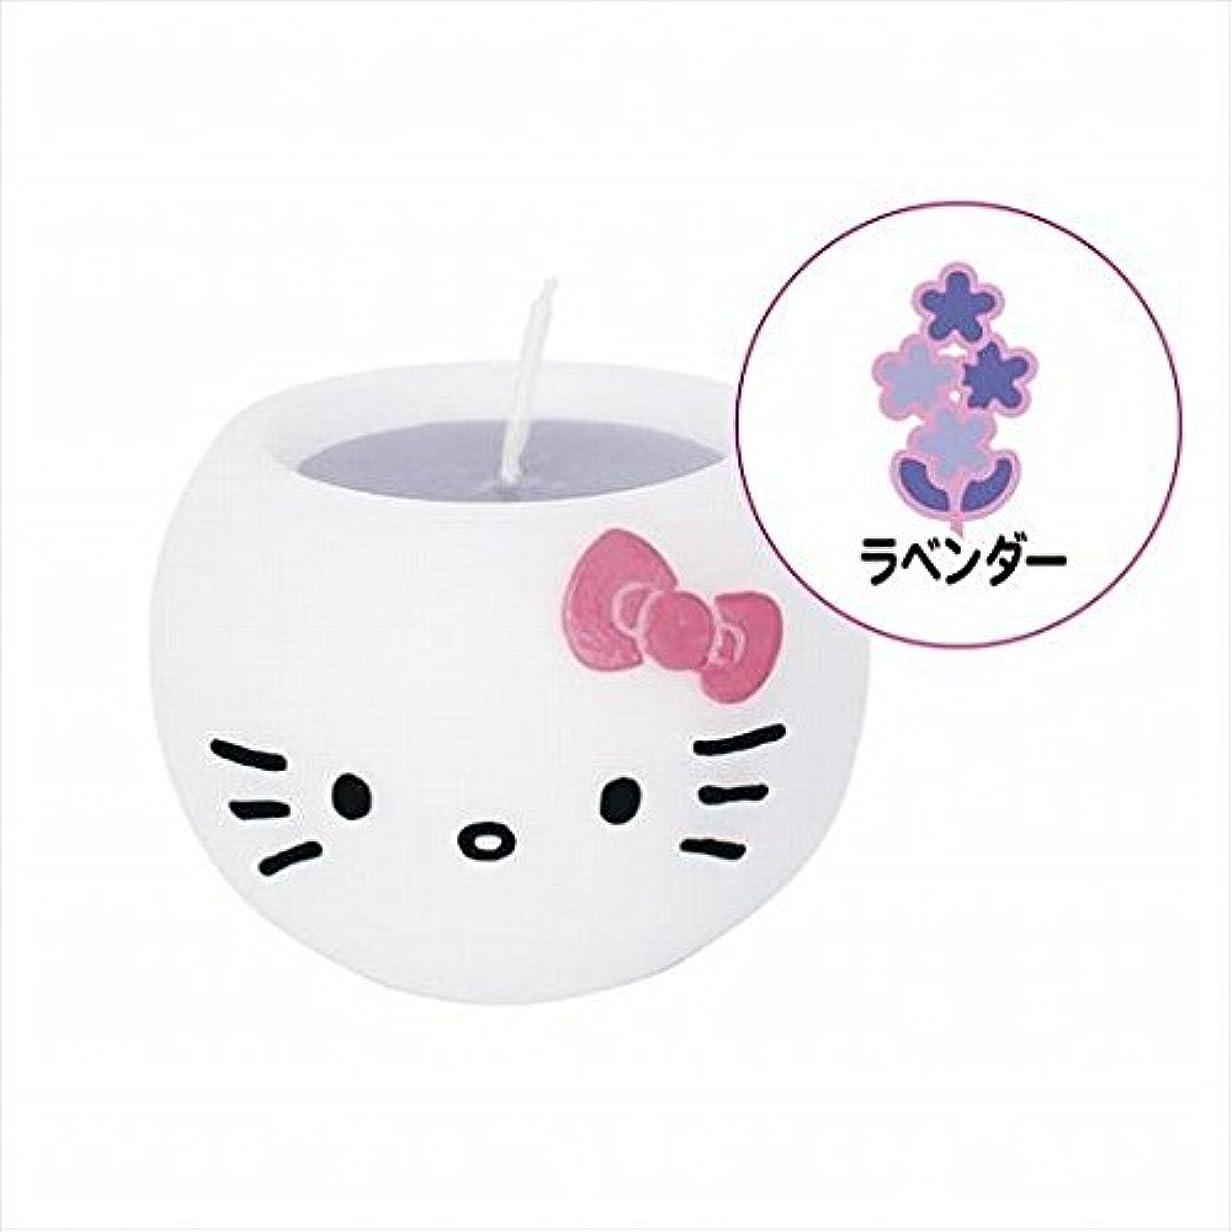 セミナー手書きすみませんkameyama candle(カメヤマキャンドル) ハローキティアロマキャンドル 「 ラベンダー 」 キャンドル 58x58x45mm (A6980520)